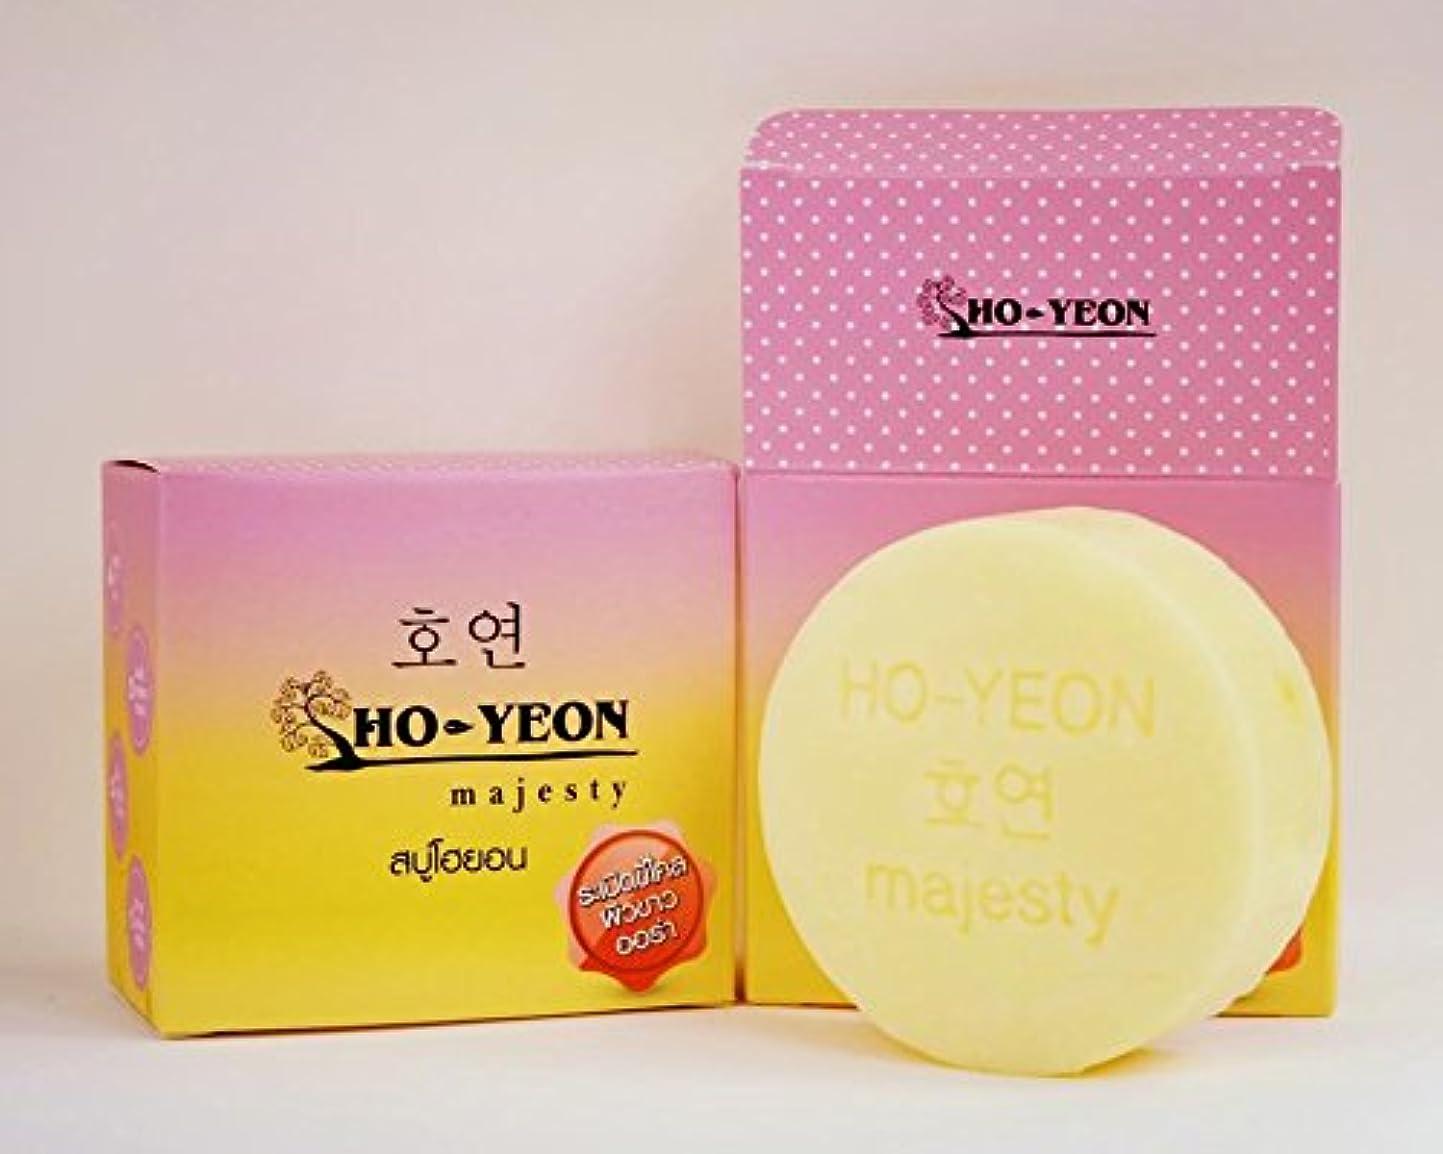 ハイジャック期待舌な1 X Natural Herbal Whitening Soap. Soap Yeon Ho-yeon the HO (80 grams) Free shipping